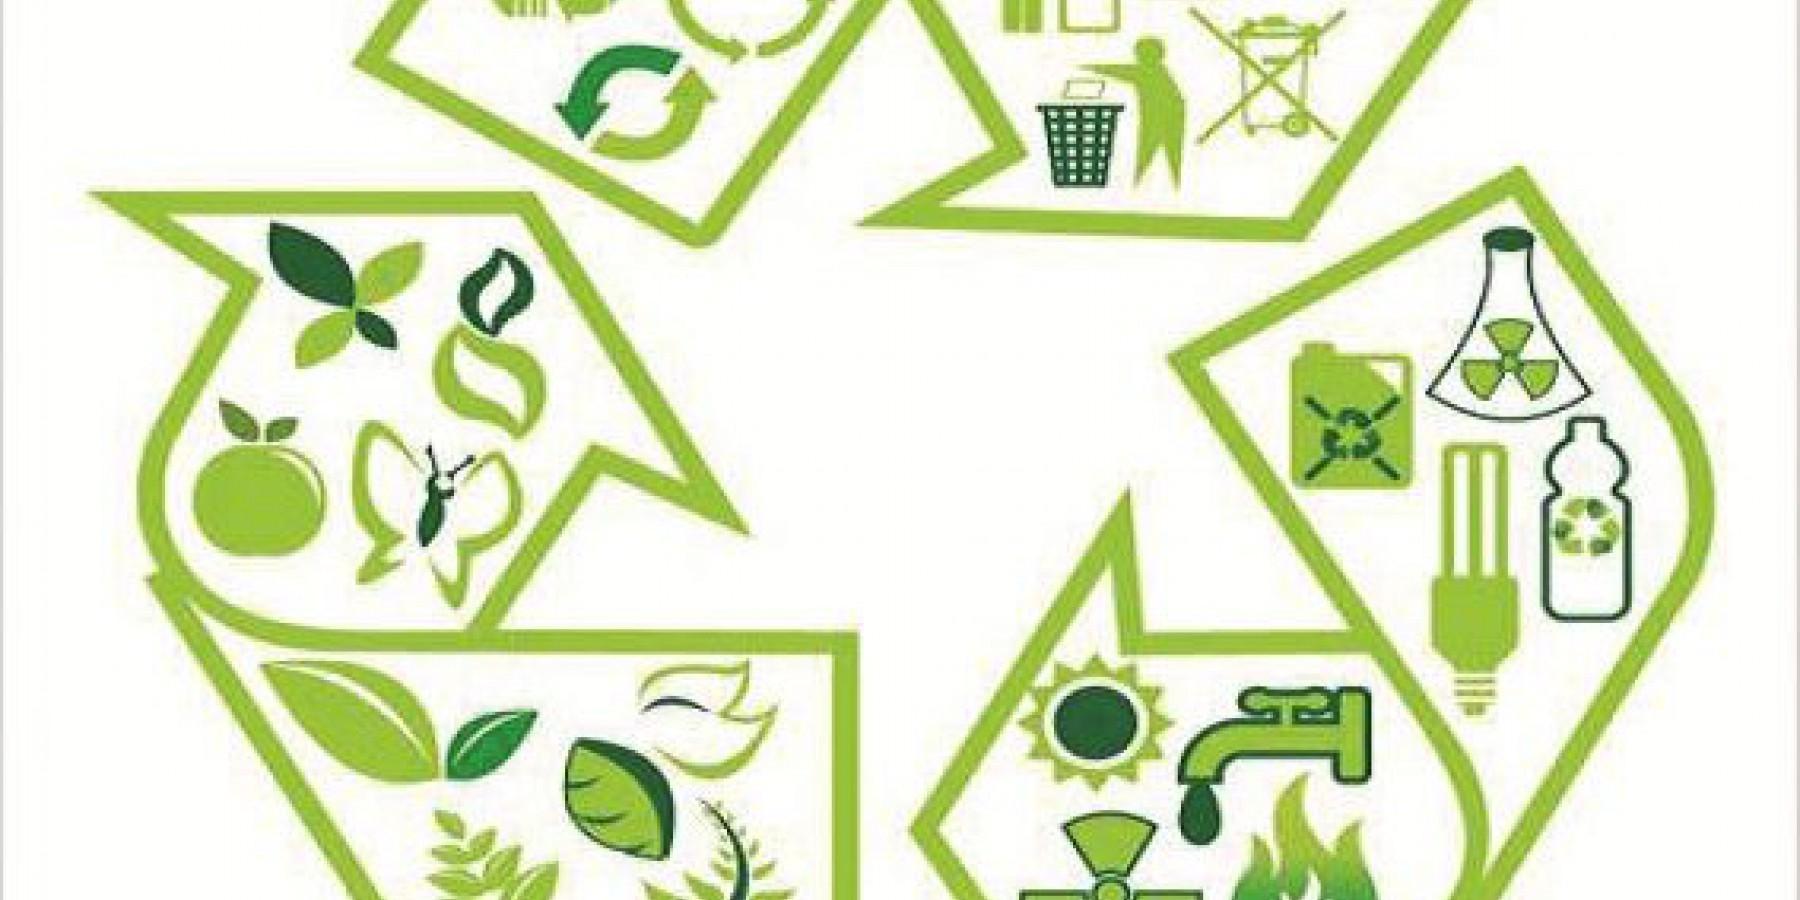 Оголошення про початок громадського обговорення звіту з оцінки впливу на довкілля